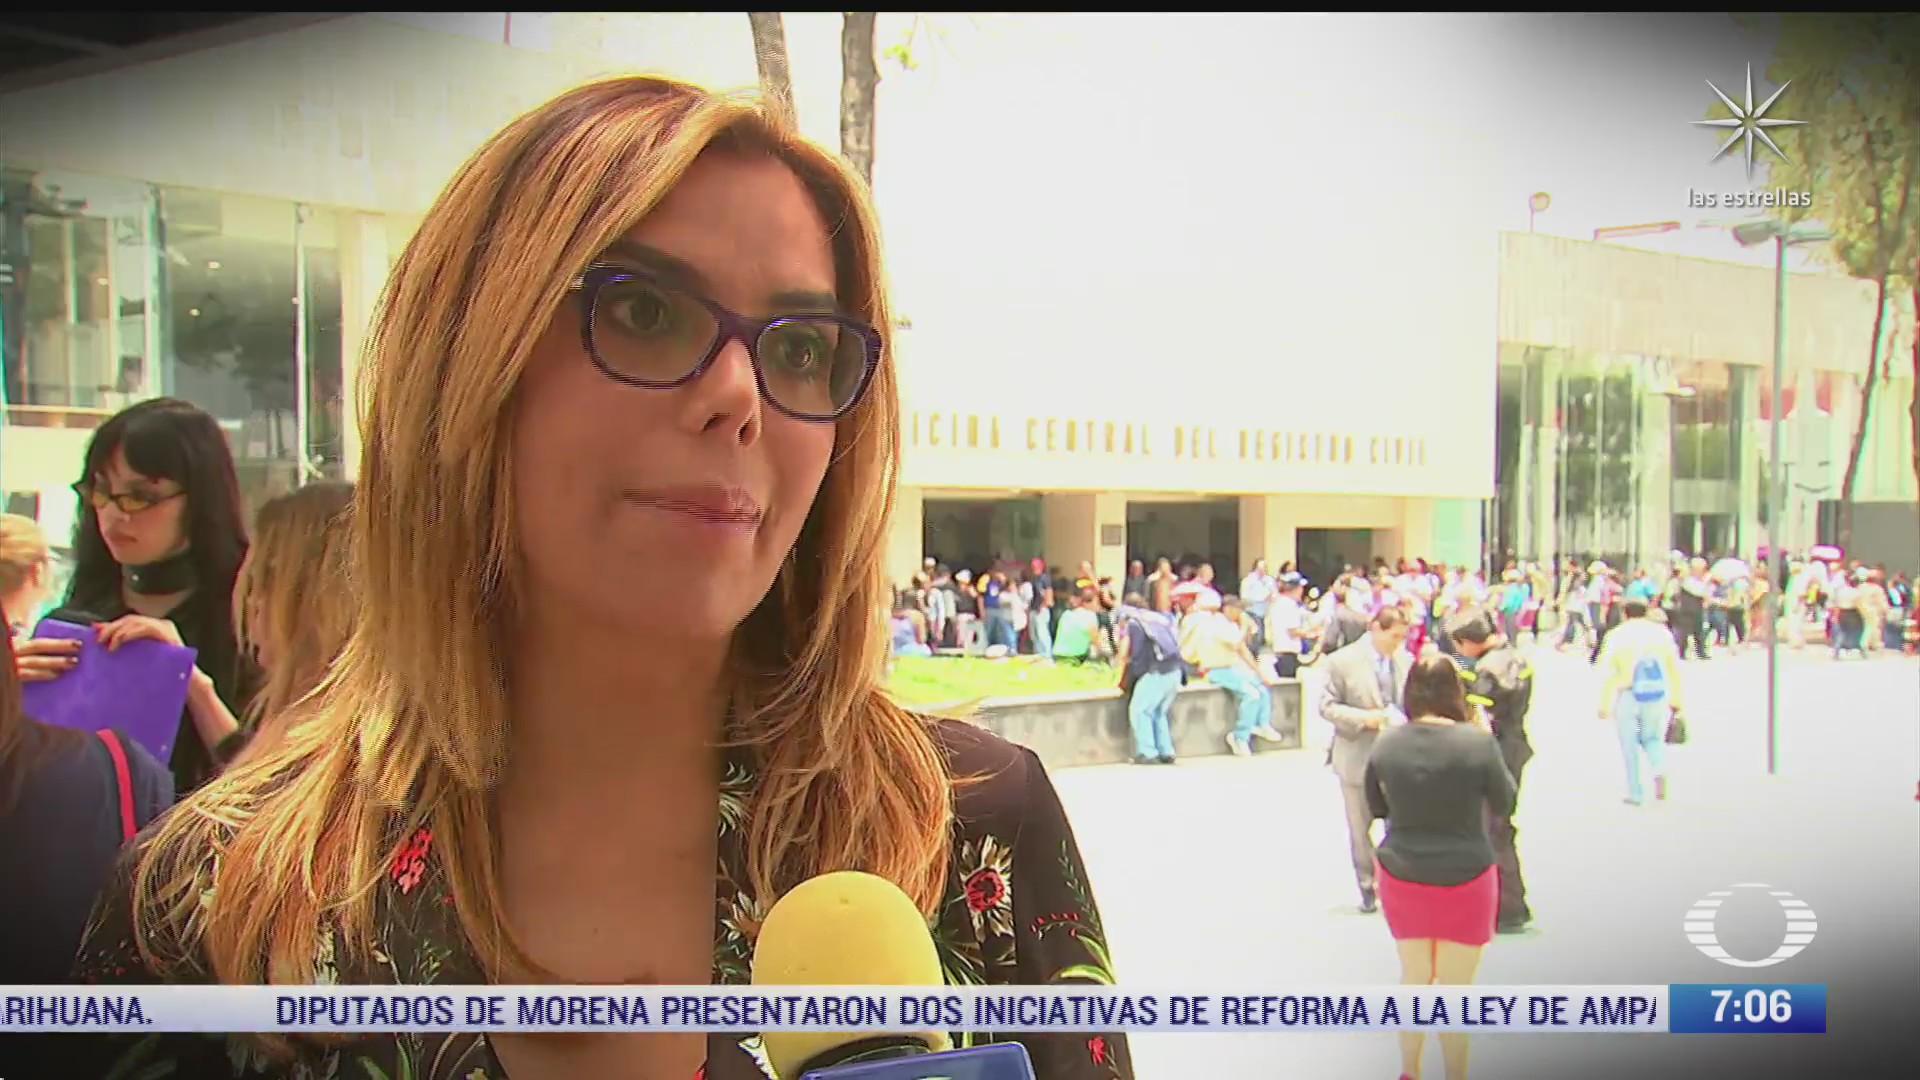 Diana Sánchez Barrios y sus posibles vínculos con La Unión T – Noticieros Televisa